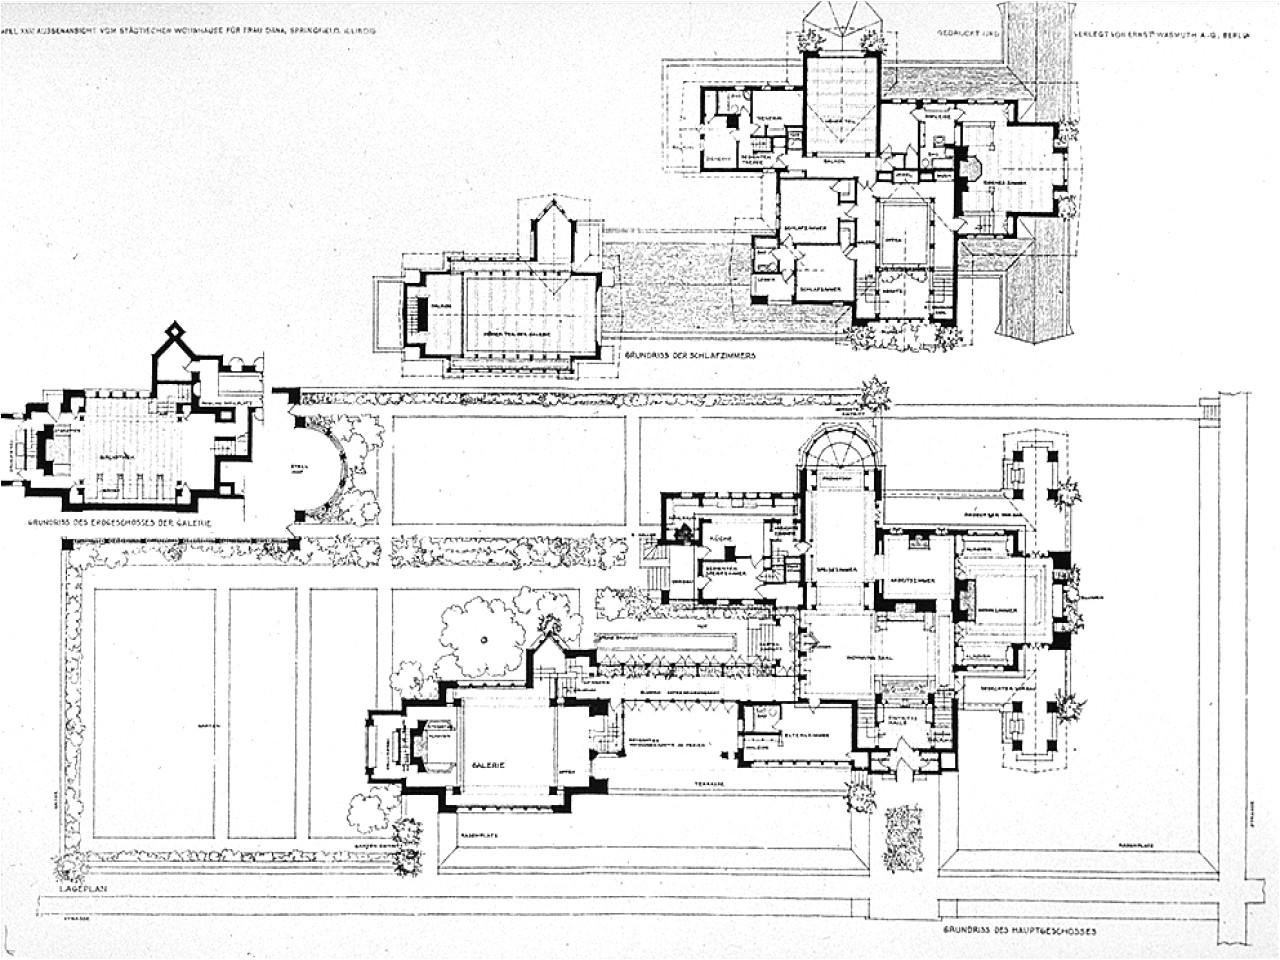 2cb0bef7986b88d7 frank lloyd wright designs frank lloyd wright dana house plan